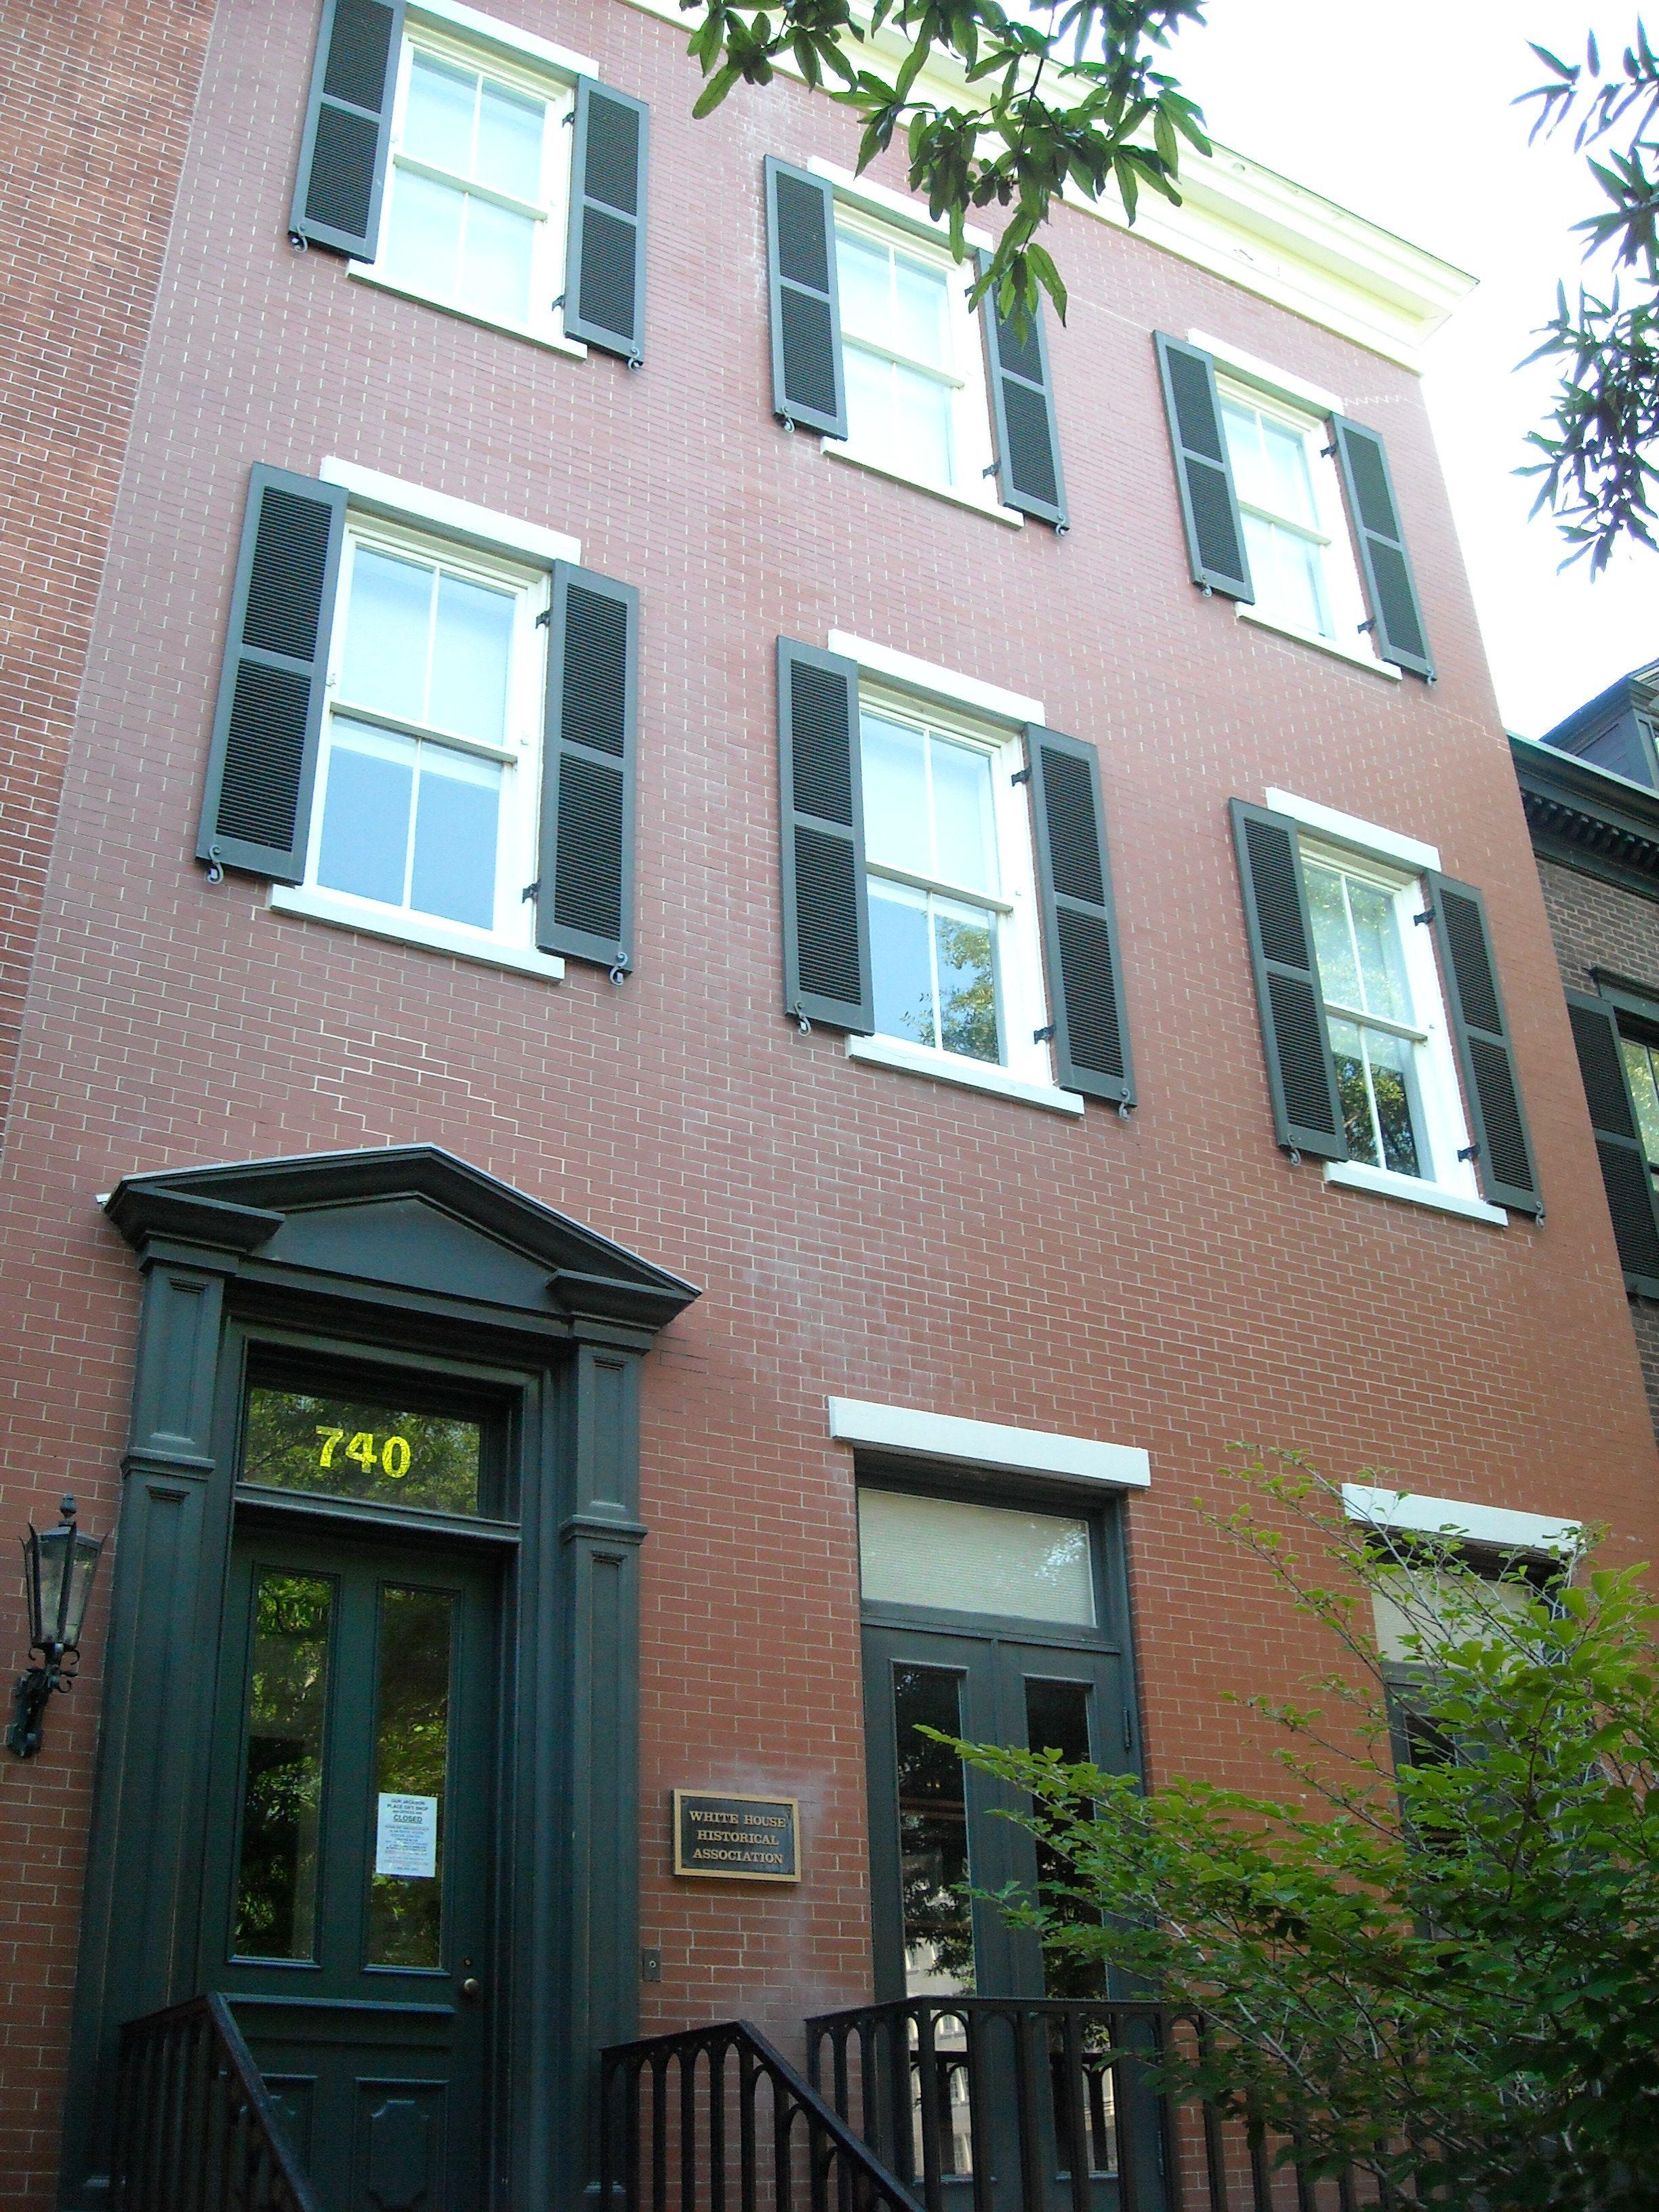 Association historique de la maison blanche for Association maison